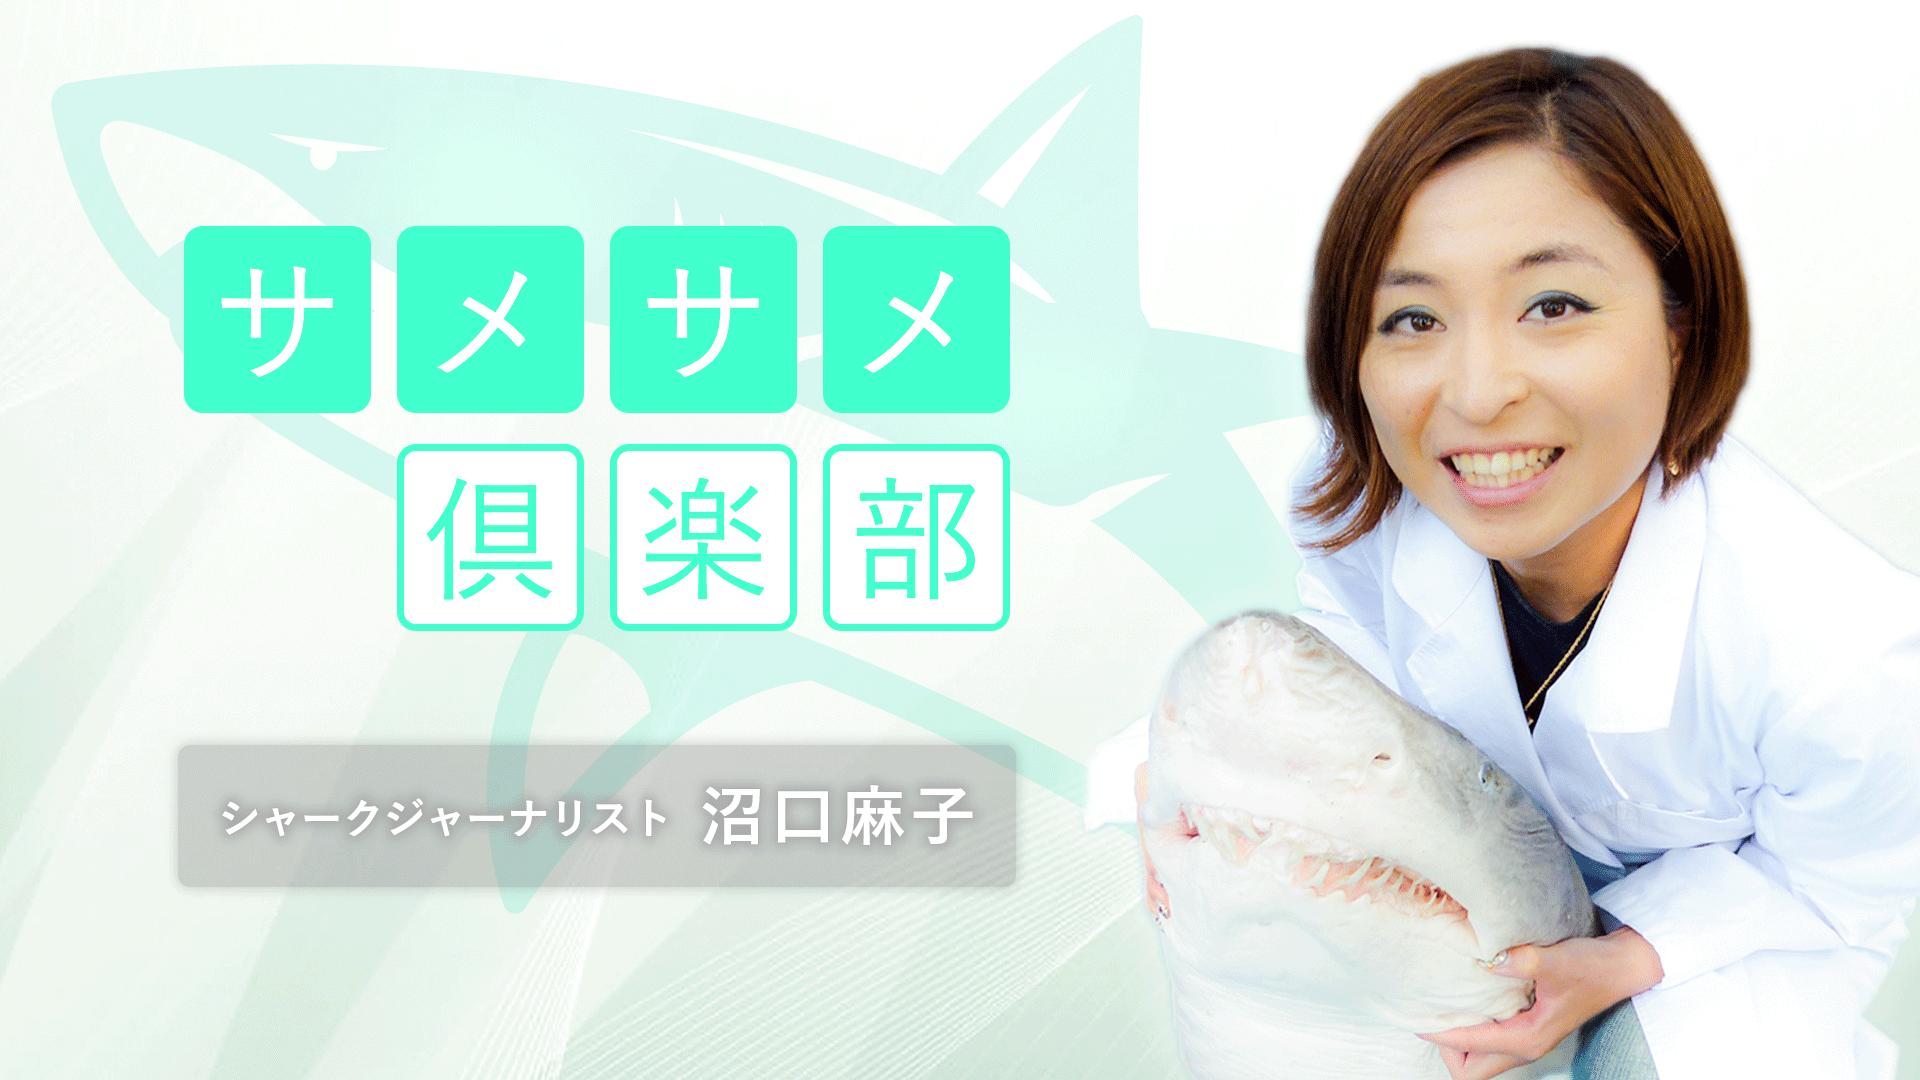 シャークジャーナリスト沼口麻子の「サメサメ倶楽部」